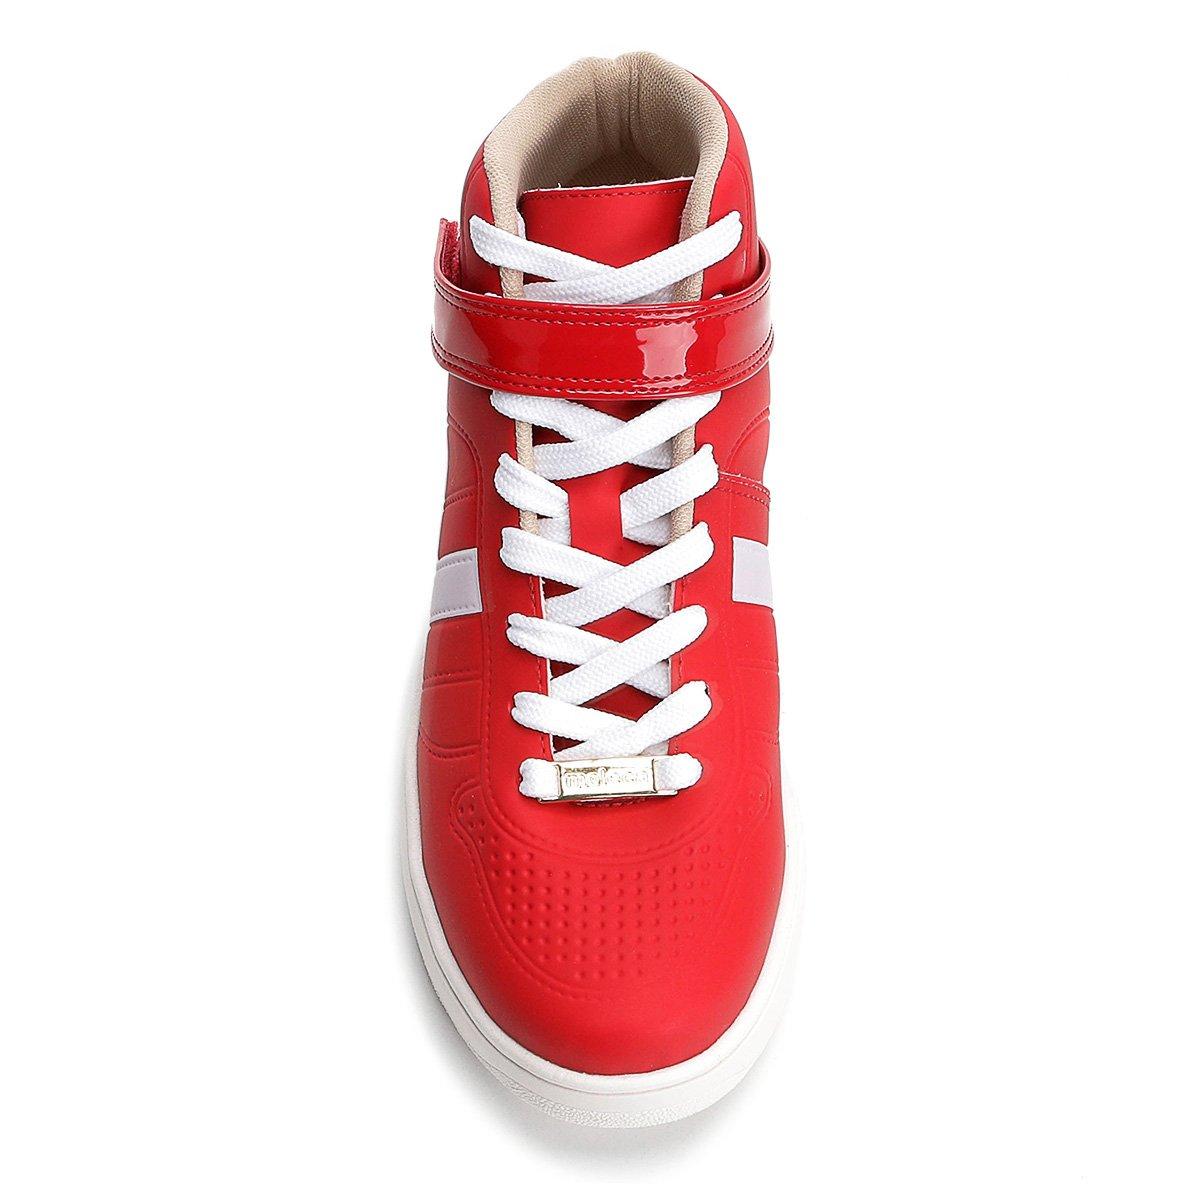 a3095e3dcf Tênis Cano Alto Moleca Velcro Feminino - Vermelho - Compre Agora ...